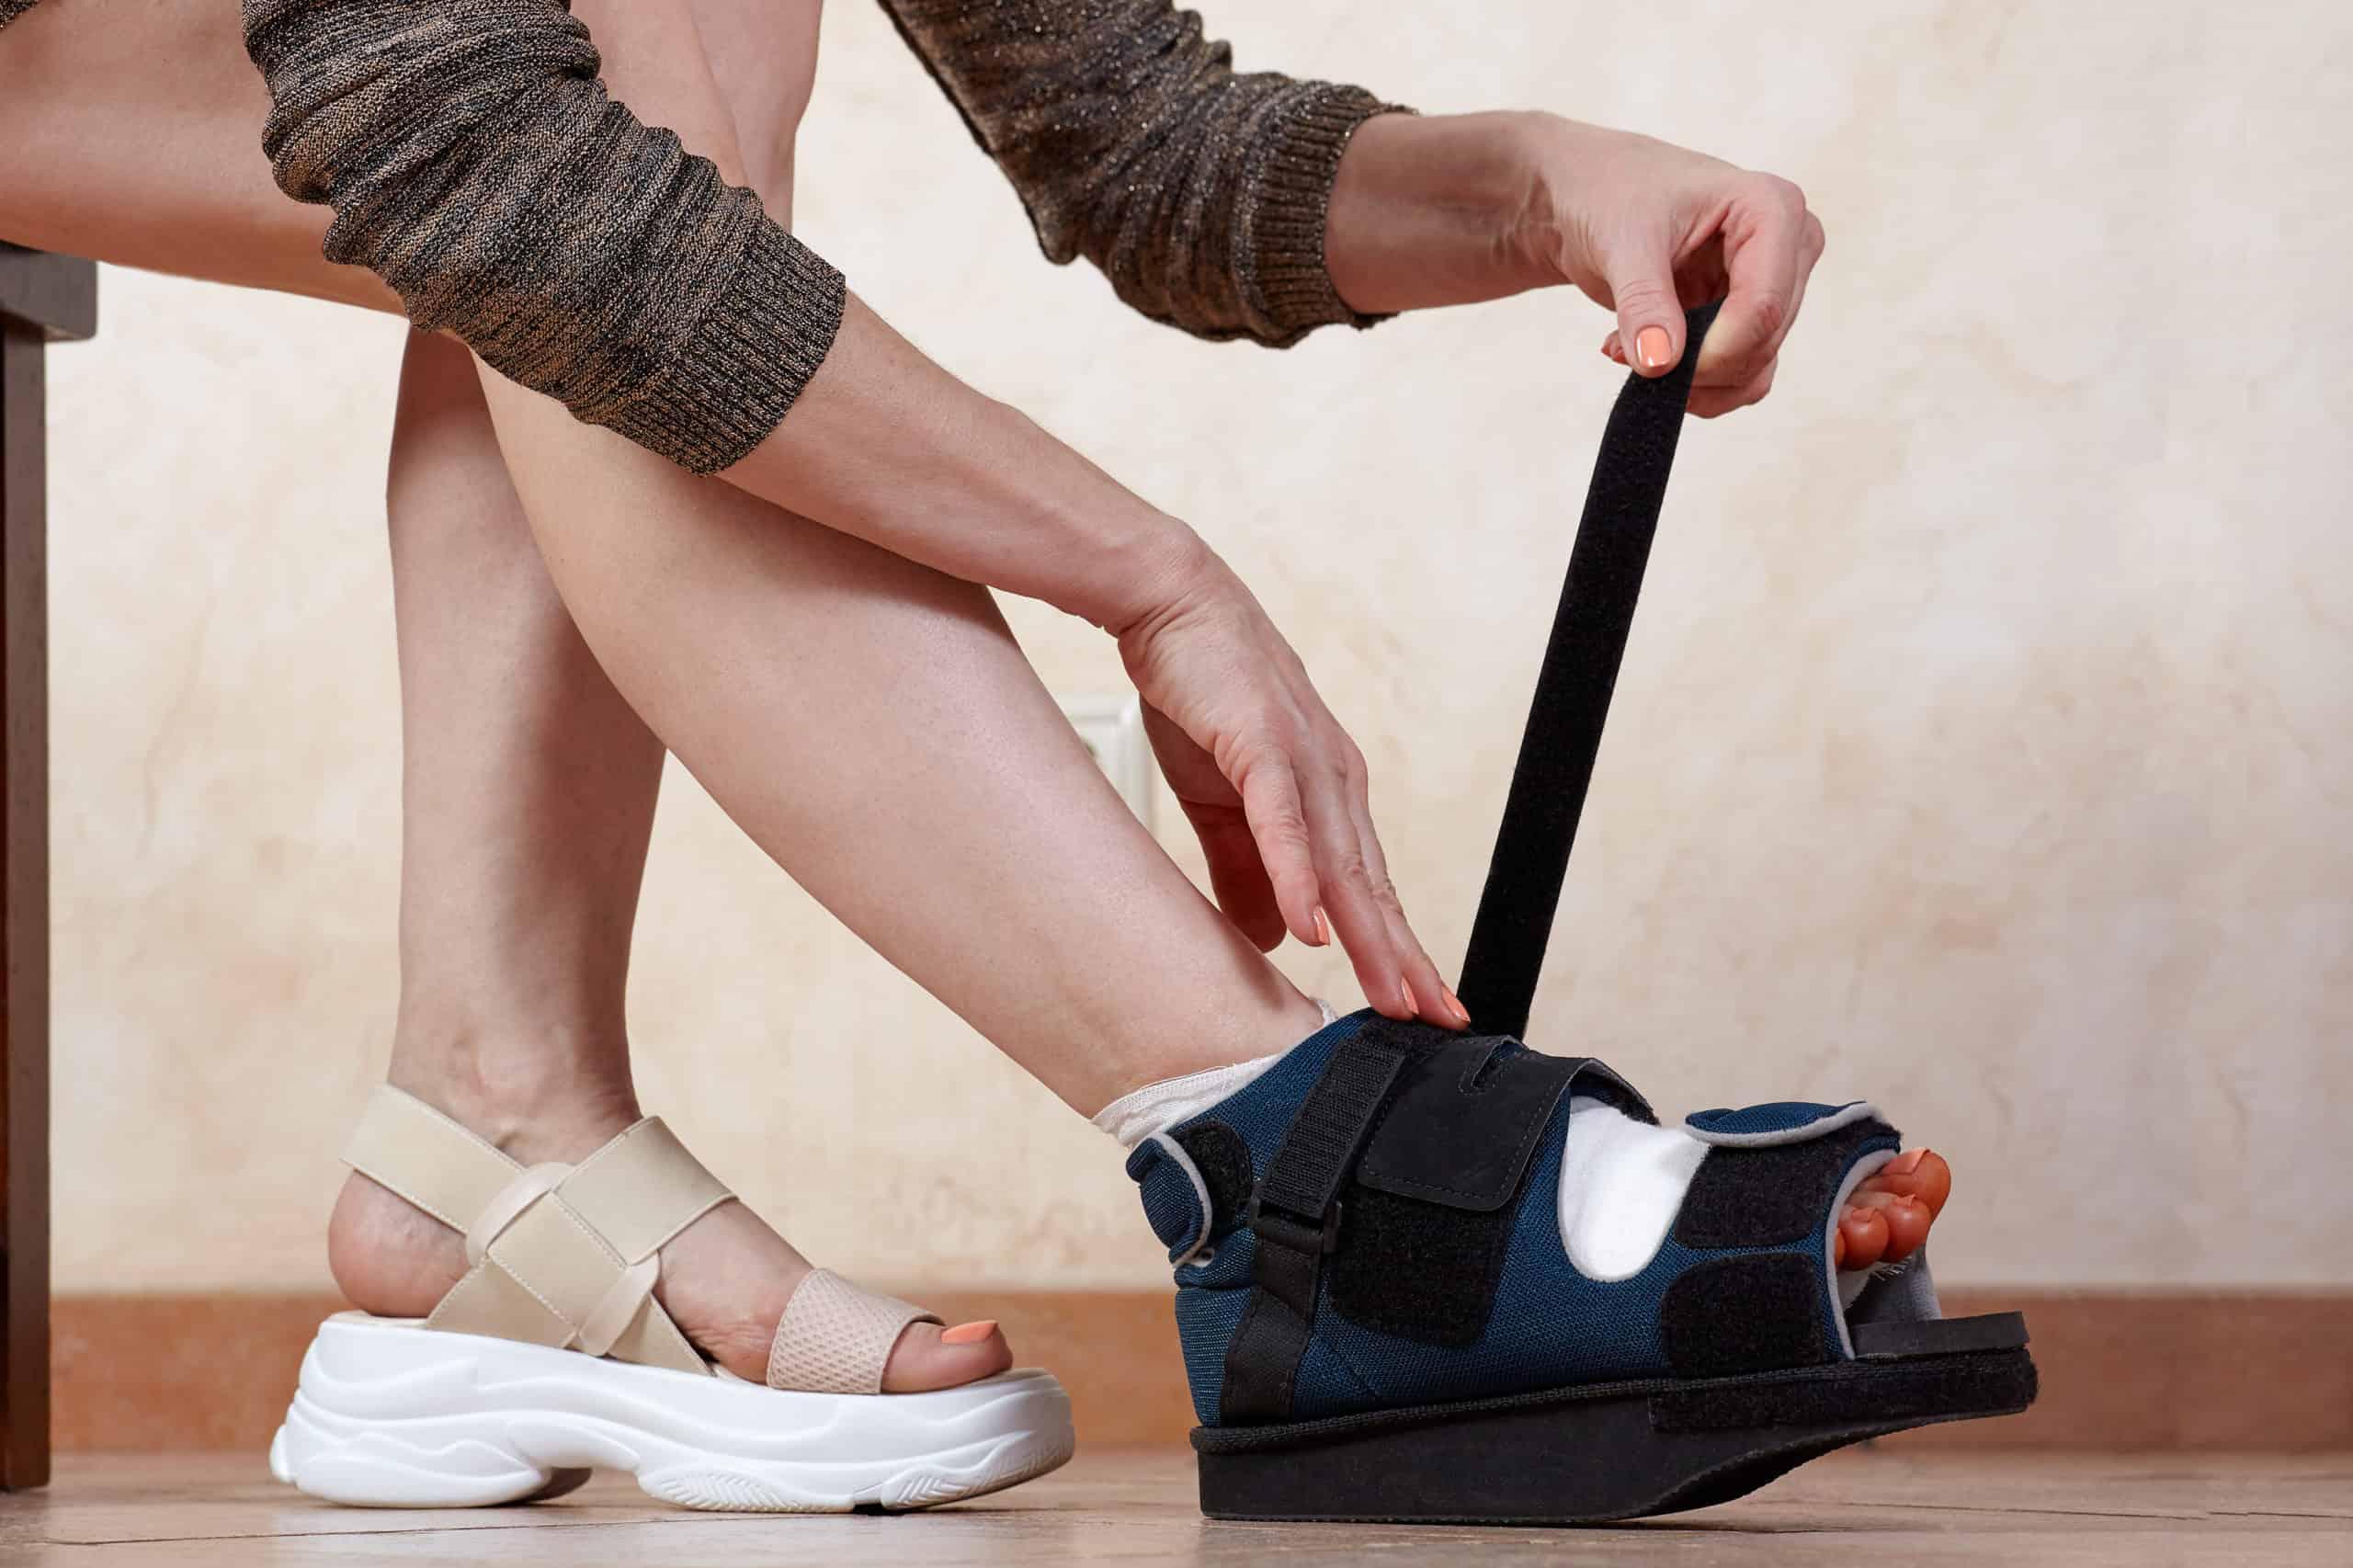 Hallux Valgus Schuh – Vorfußentlastungsschuh Nach Hallux Operation 2020